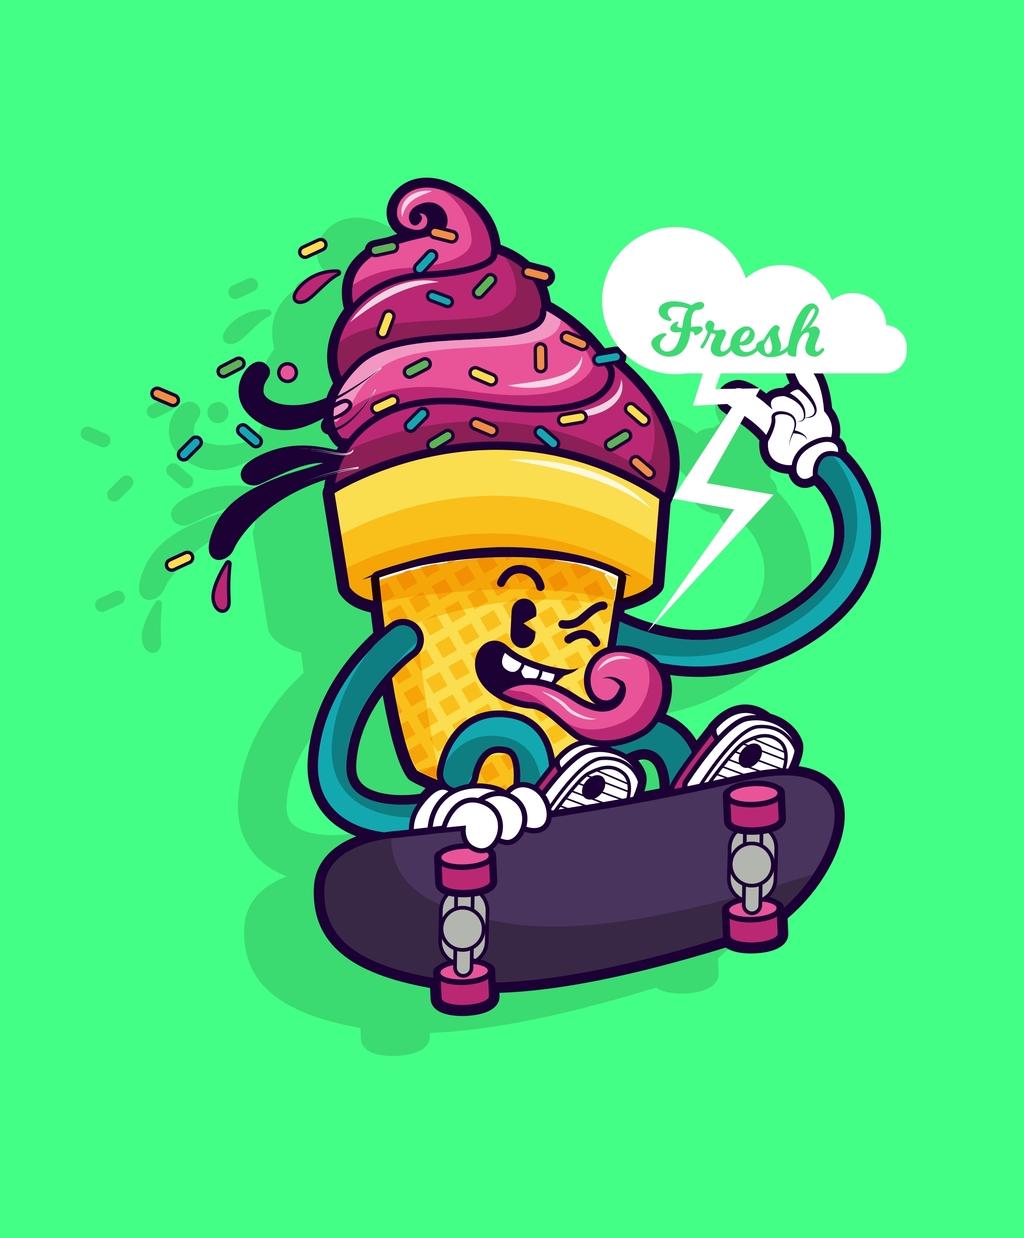 卡通图案冰淇淋甜品图片设计素材 高清其他模板下载 1.15MB 1511552